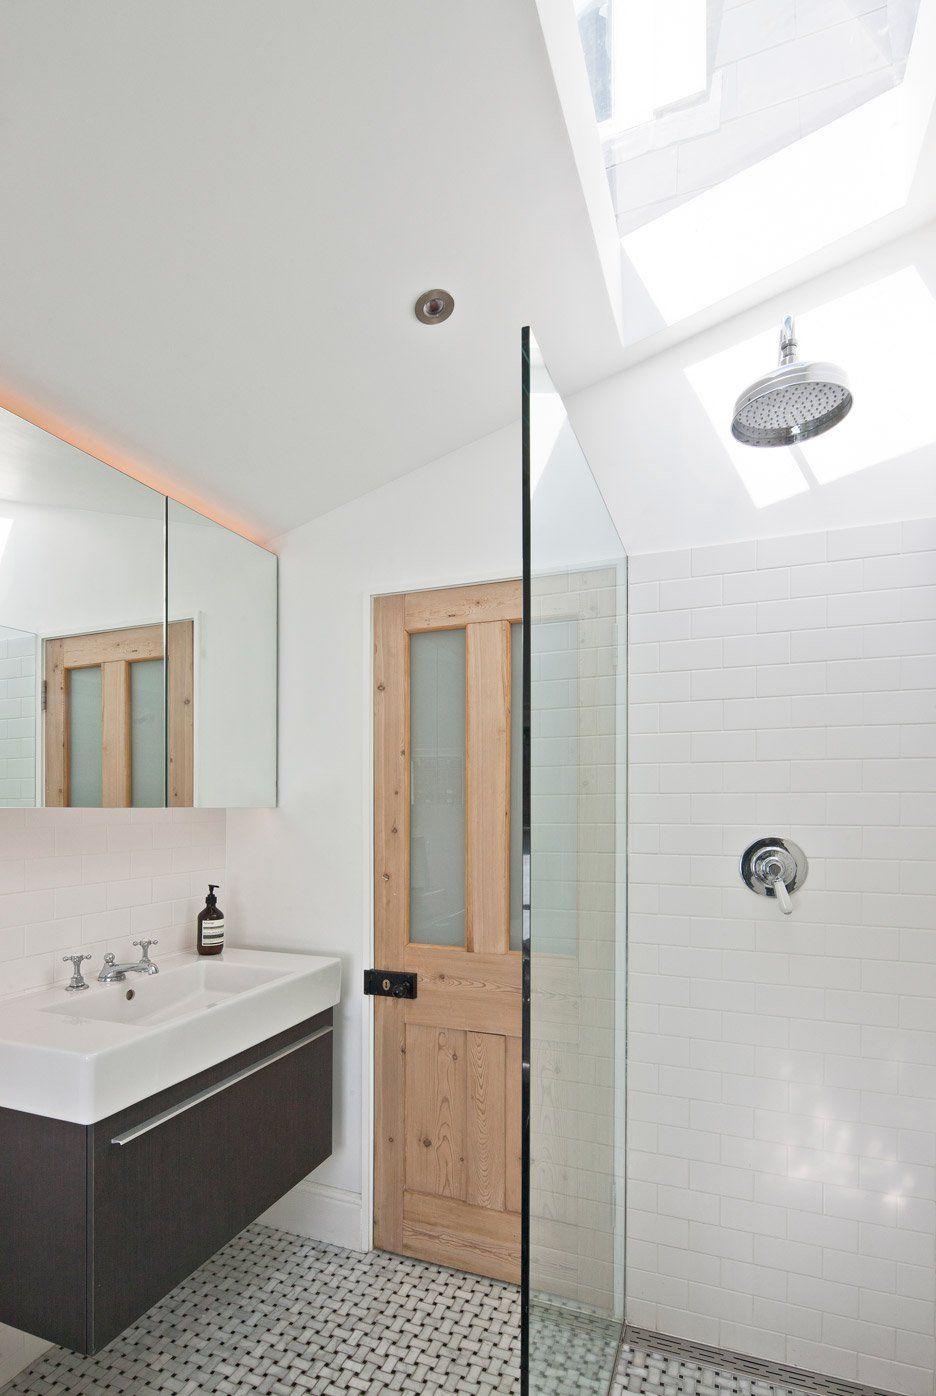 Extension One by Denizen Works | Atrium, Roof glazing, Skylight ...